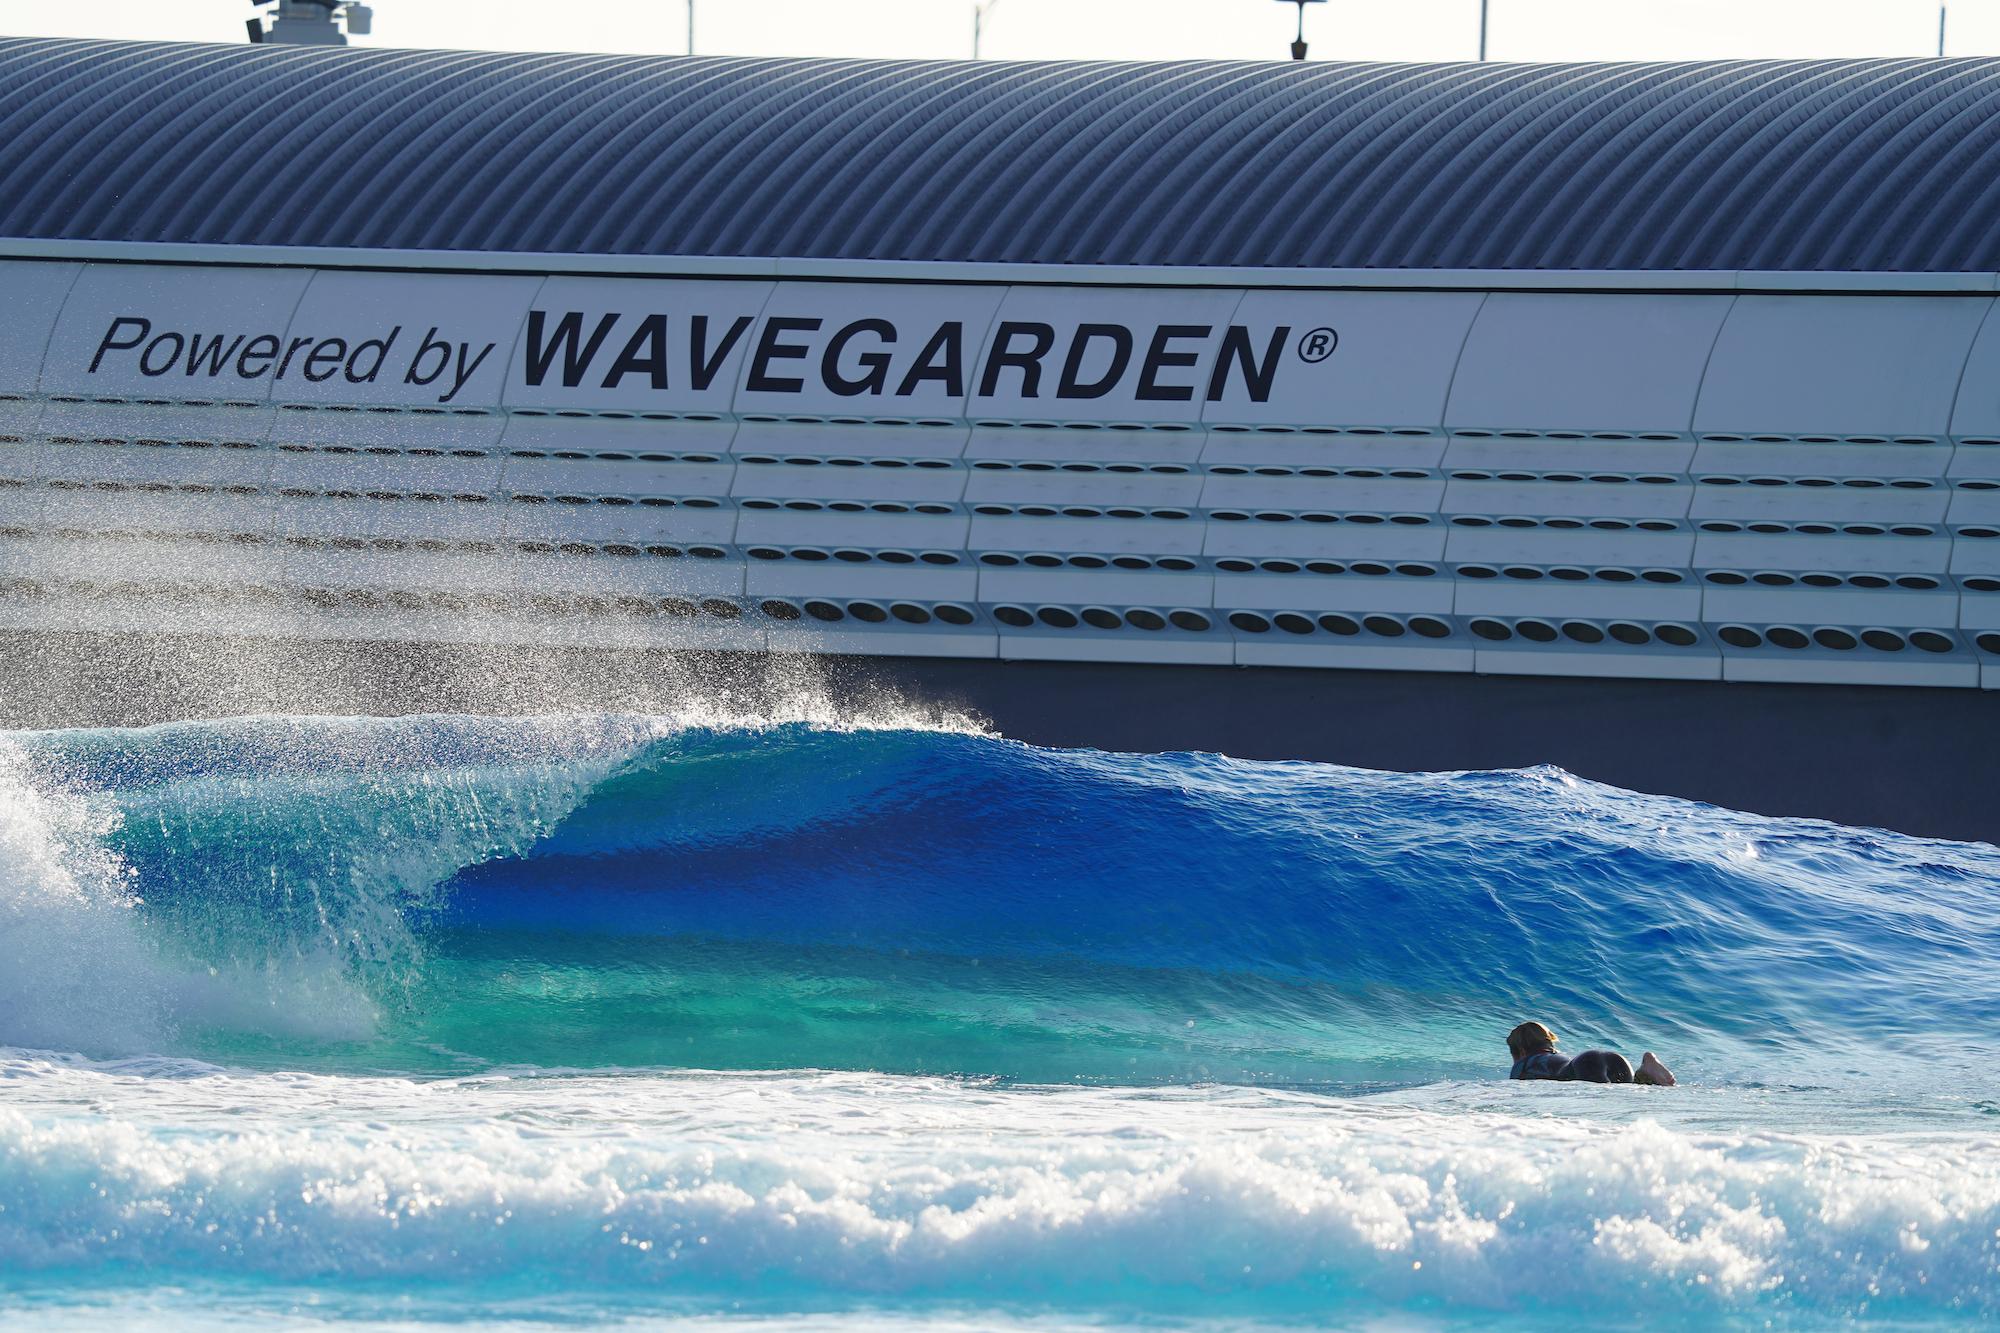 Kolam ombak di atas tanah seluas 167.000 meter persegi resmi dibuka di Korea Selatan. Wave Park diklaim menjadi kolam ombak tersbesar yang ada di dunia.